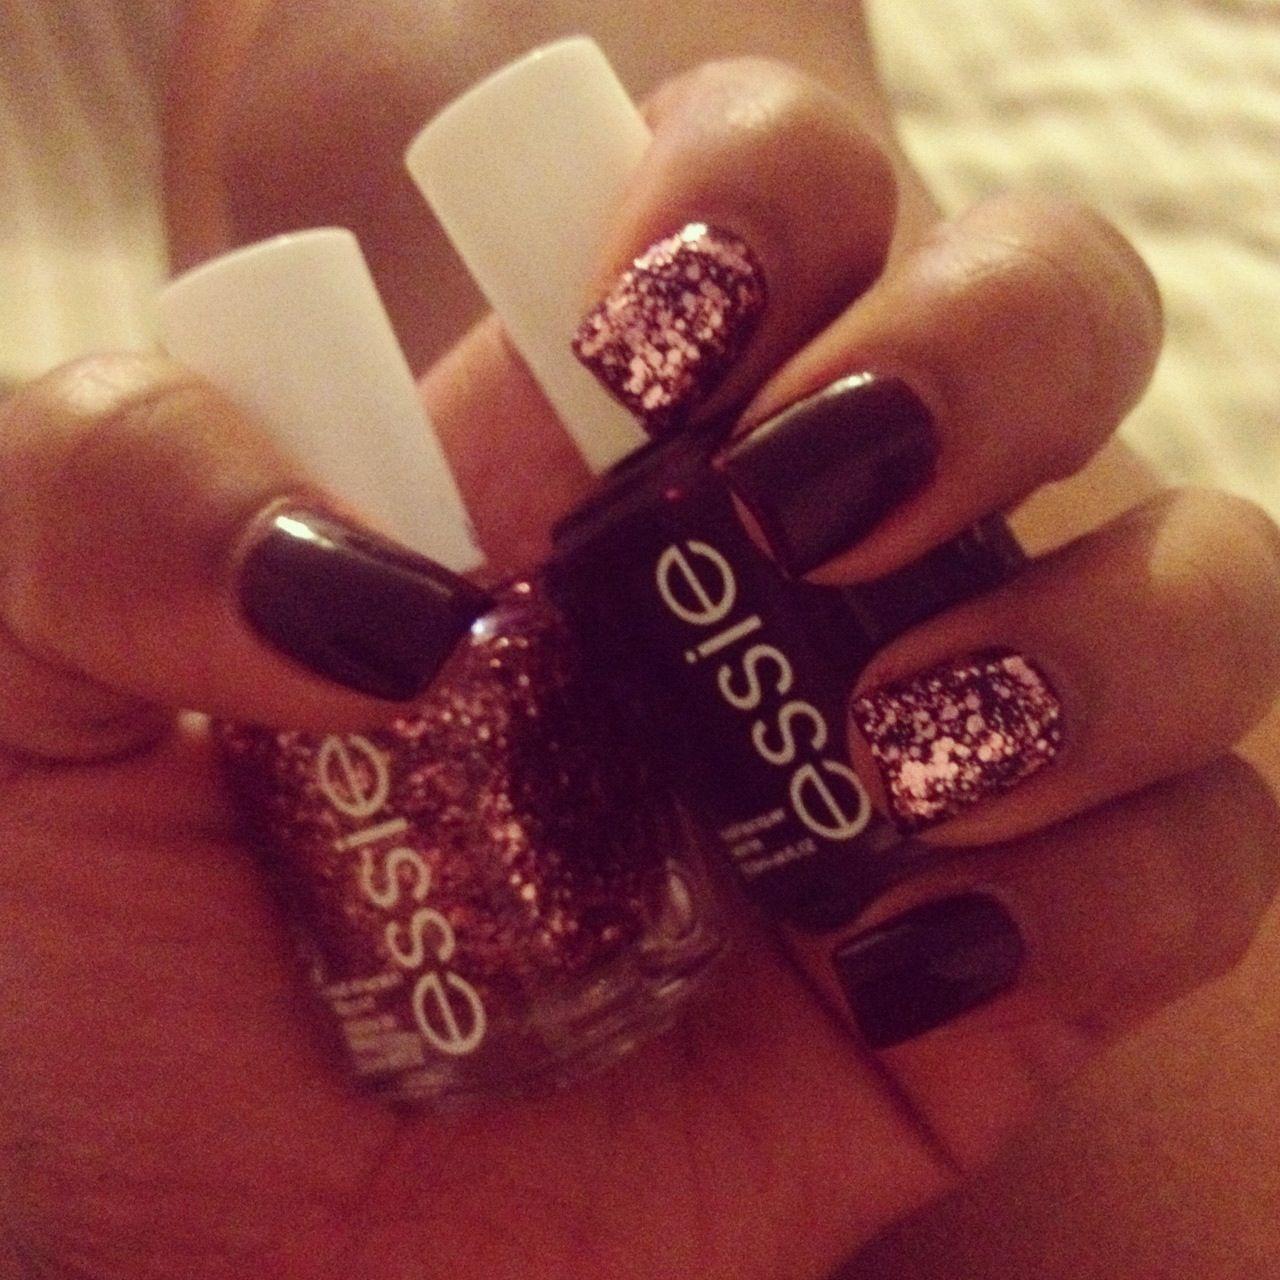 Fall Inspired Nails   Nails   Pinterest   Beauty, Fall nails and Hair